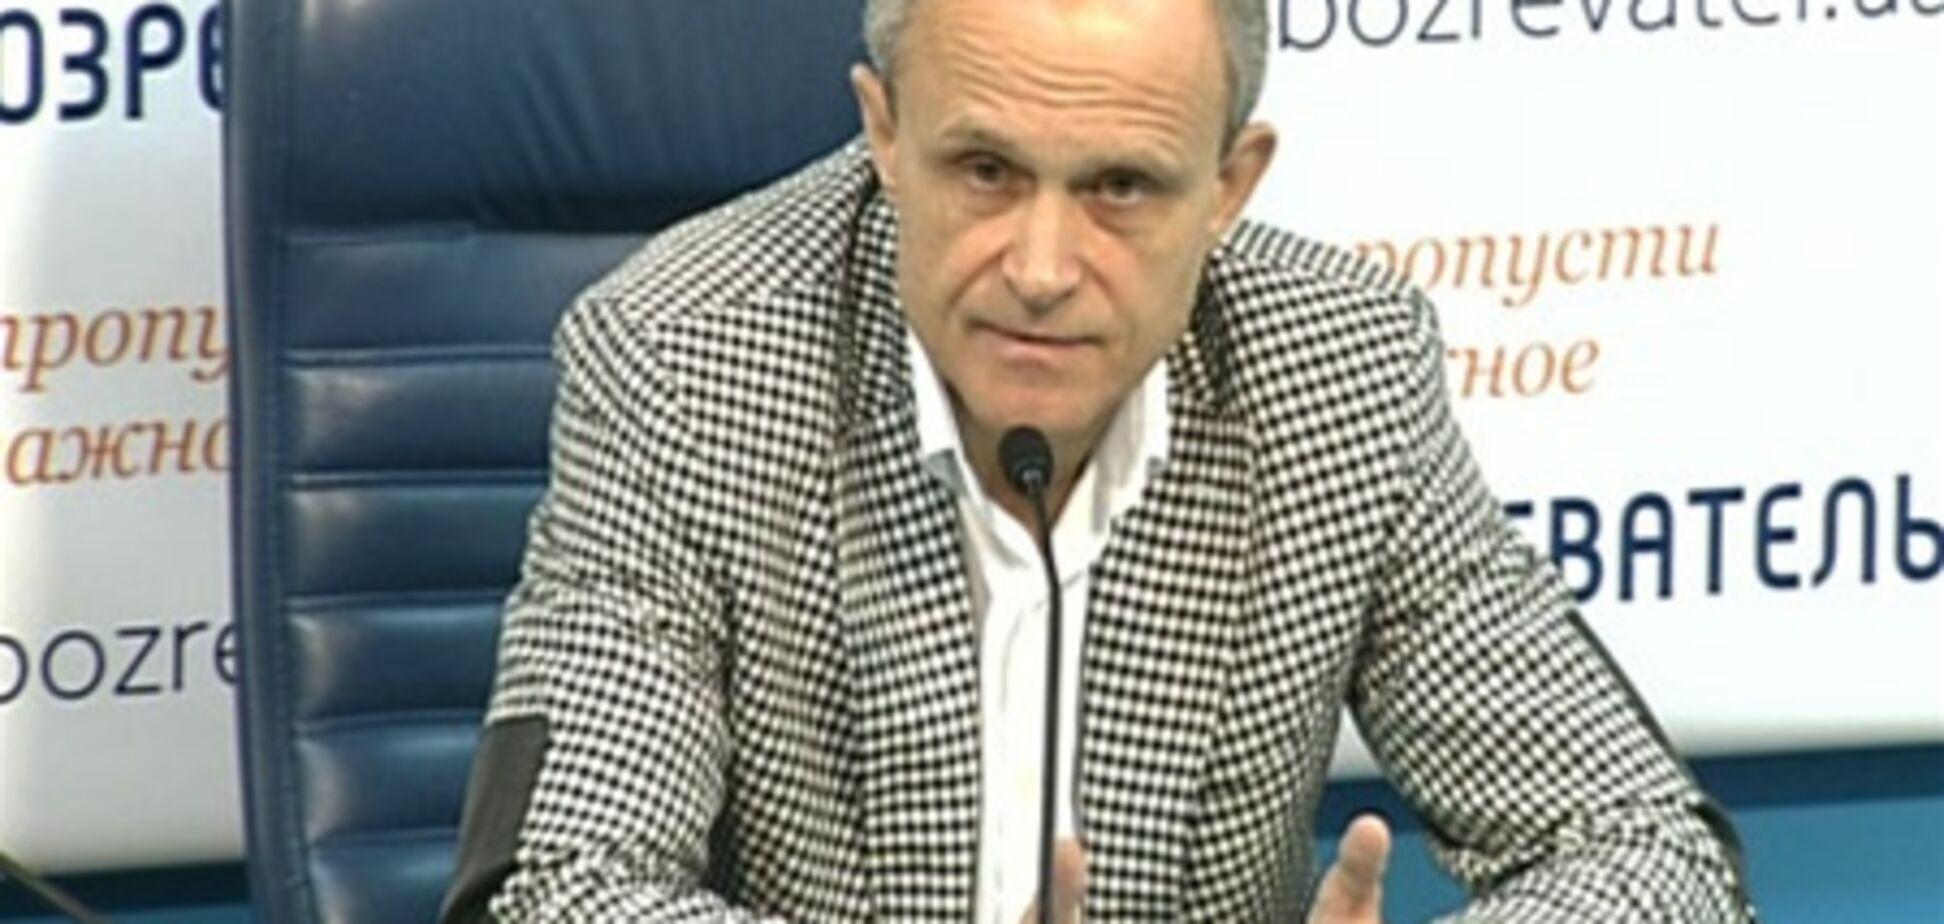 Украинская политика провоцирует теракты – эксперт